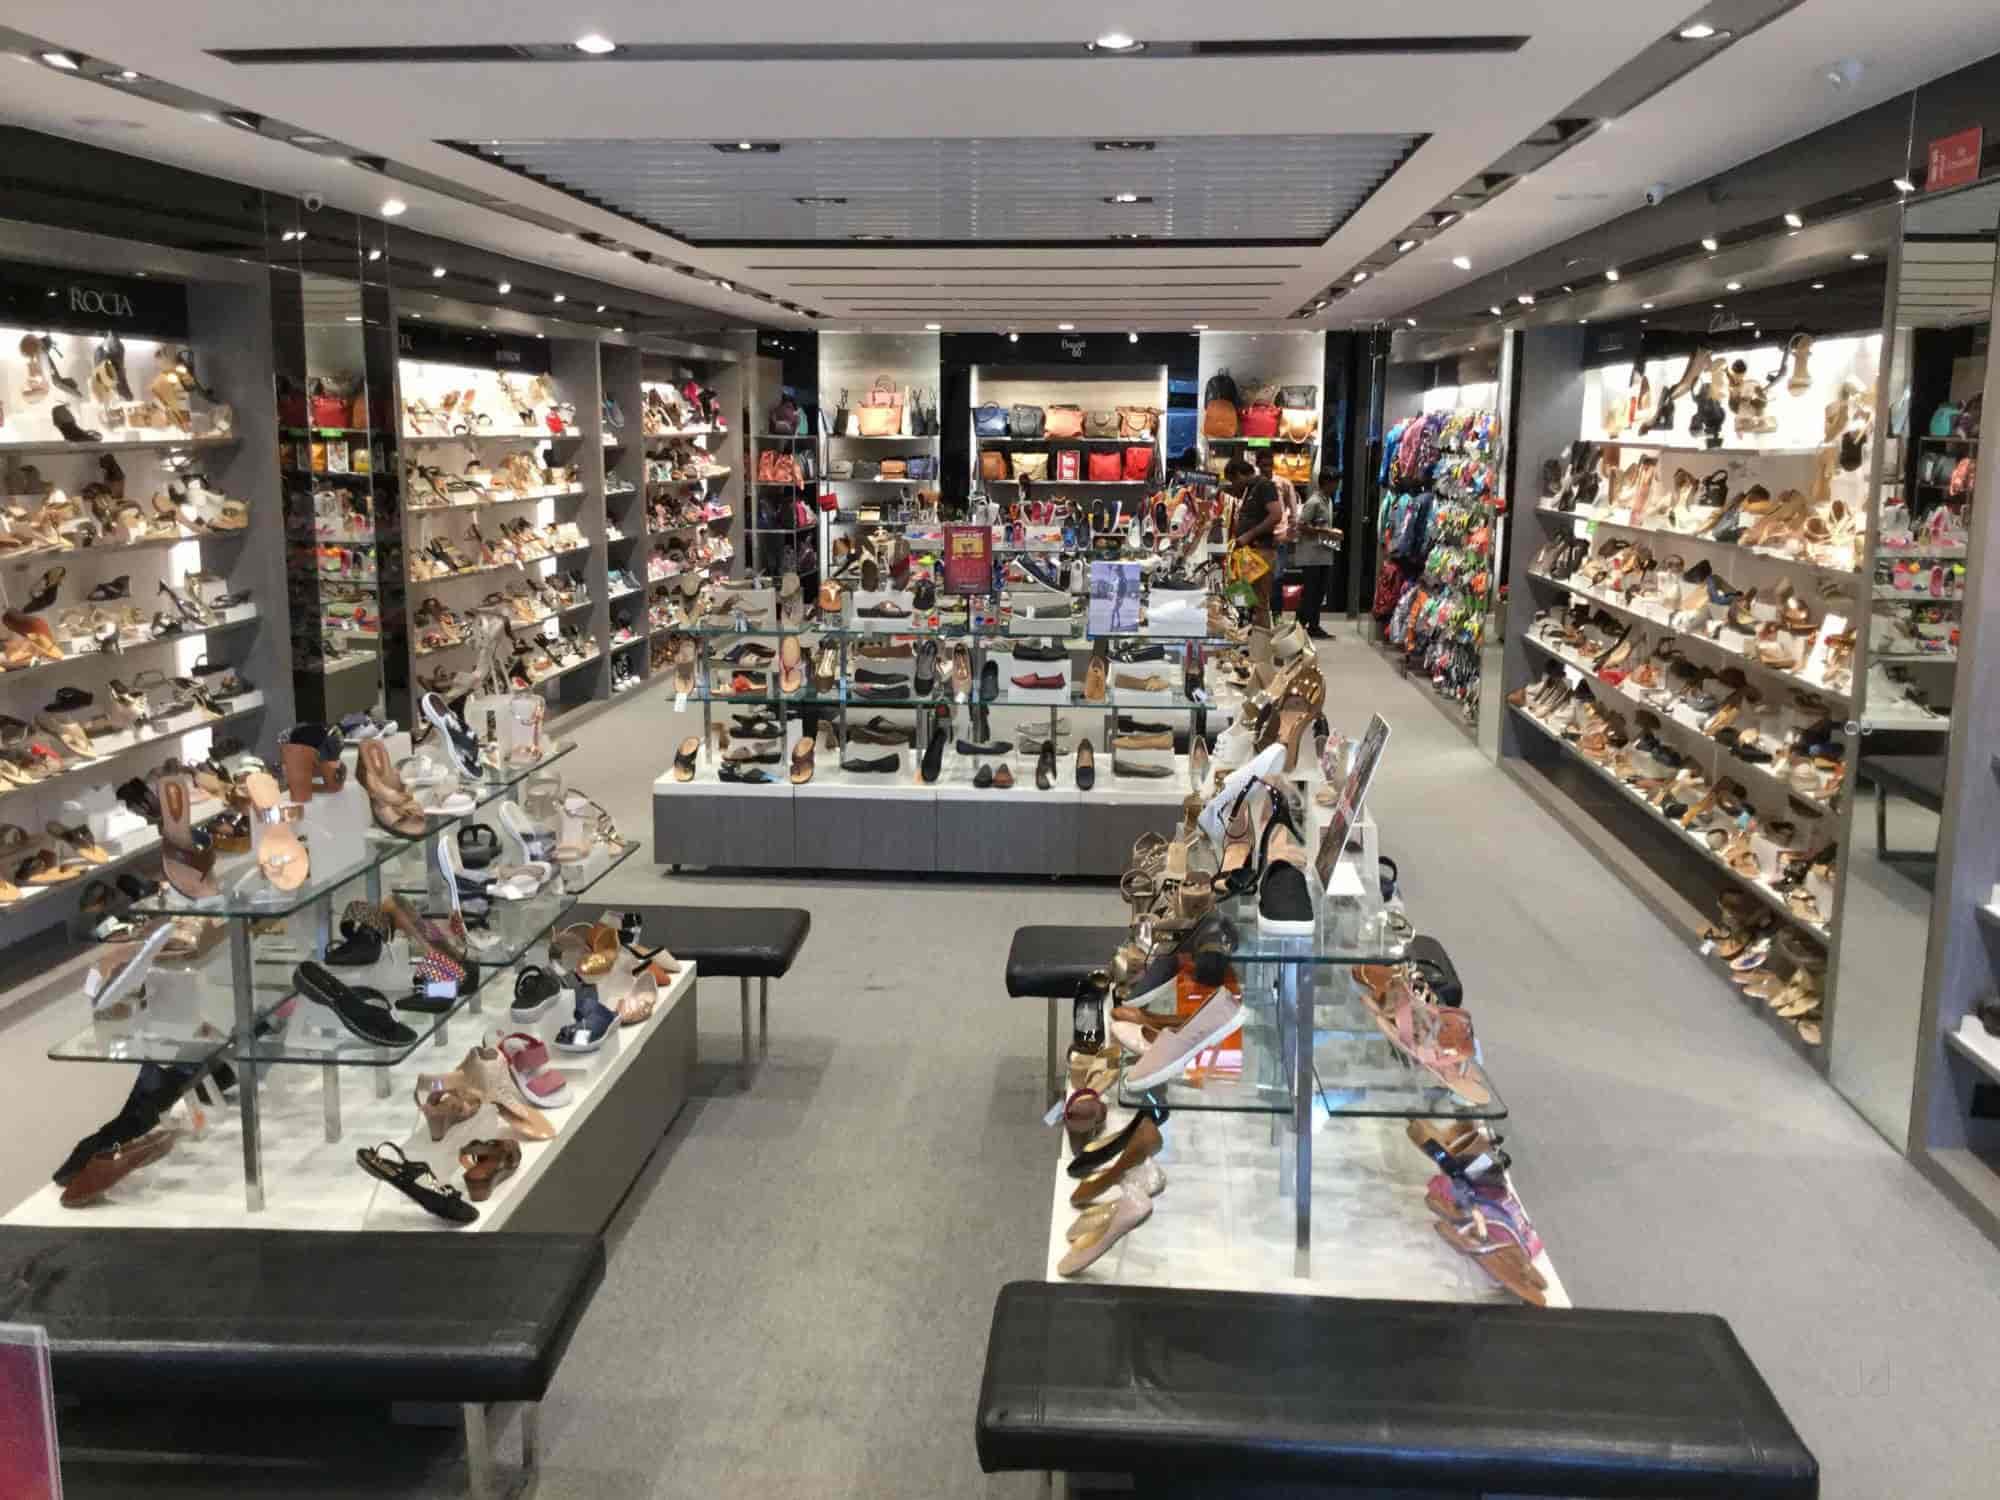 Centro Stores, Gachibowli - Shoe